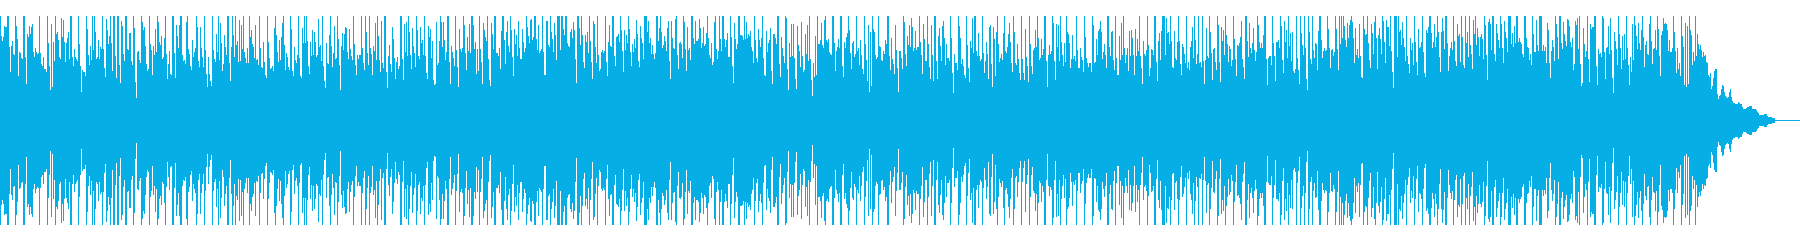 温かいメロディのハウス風バラードの再生済みの波形